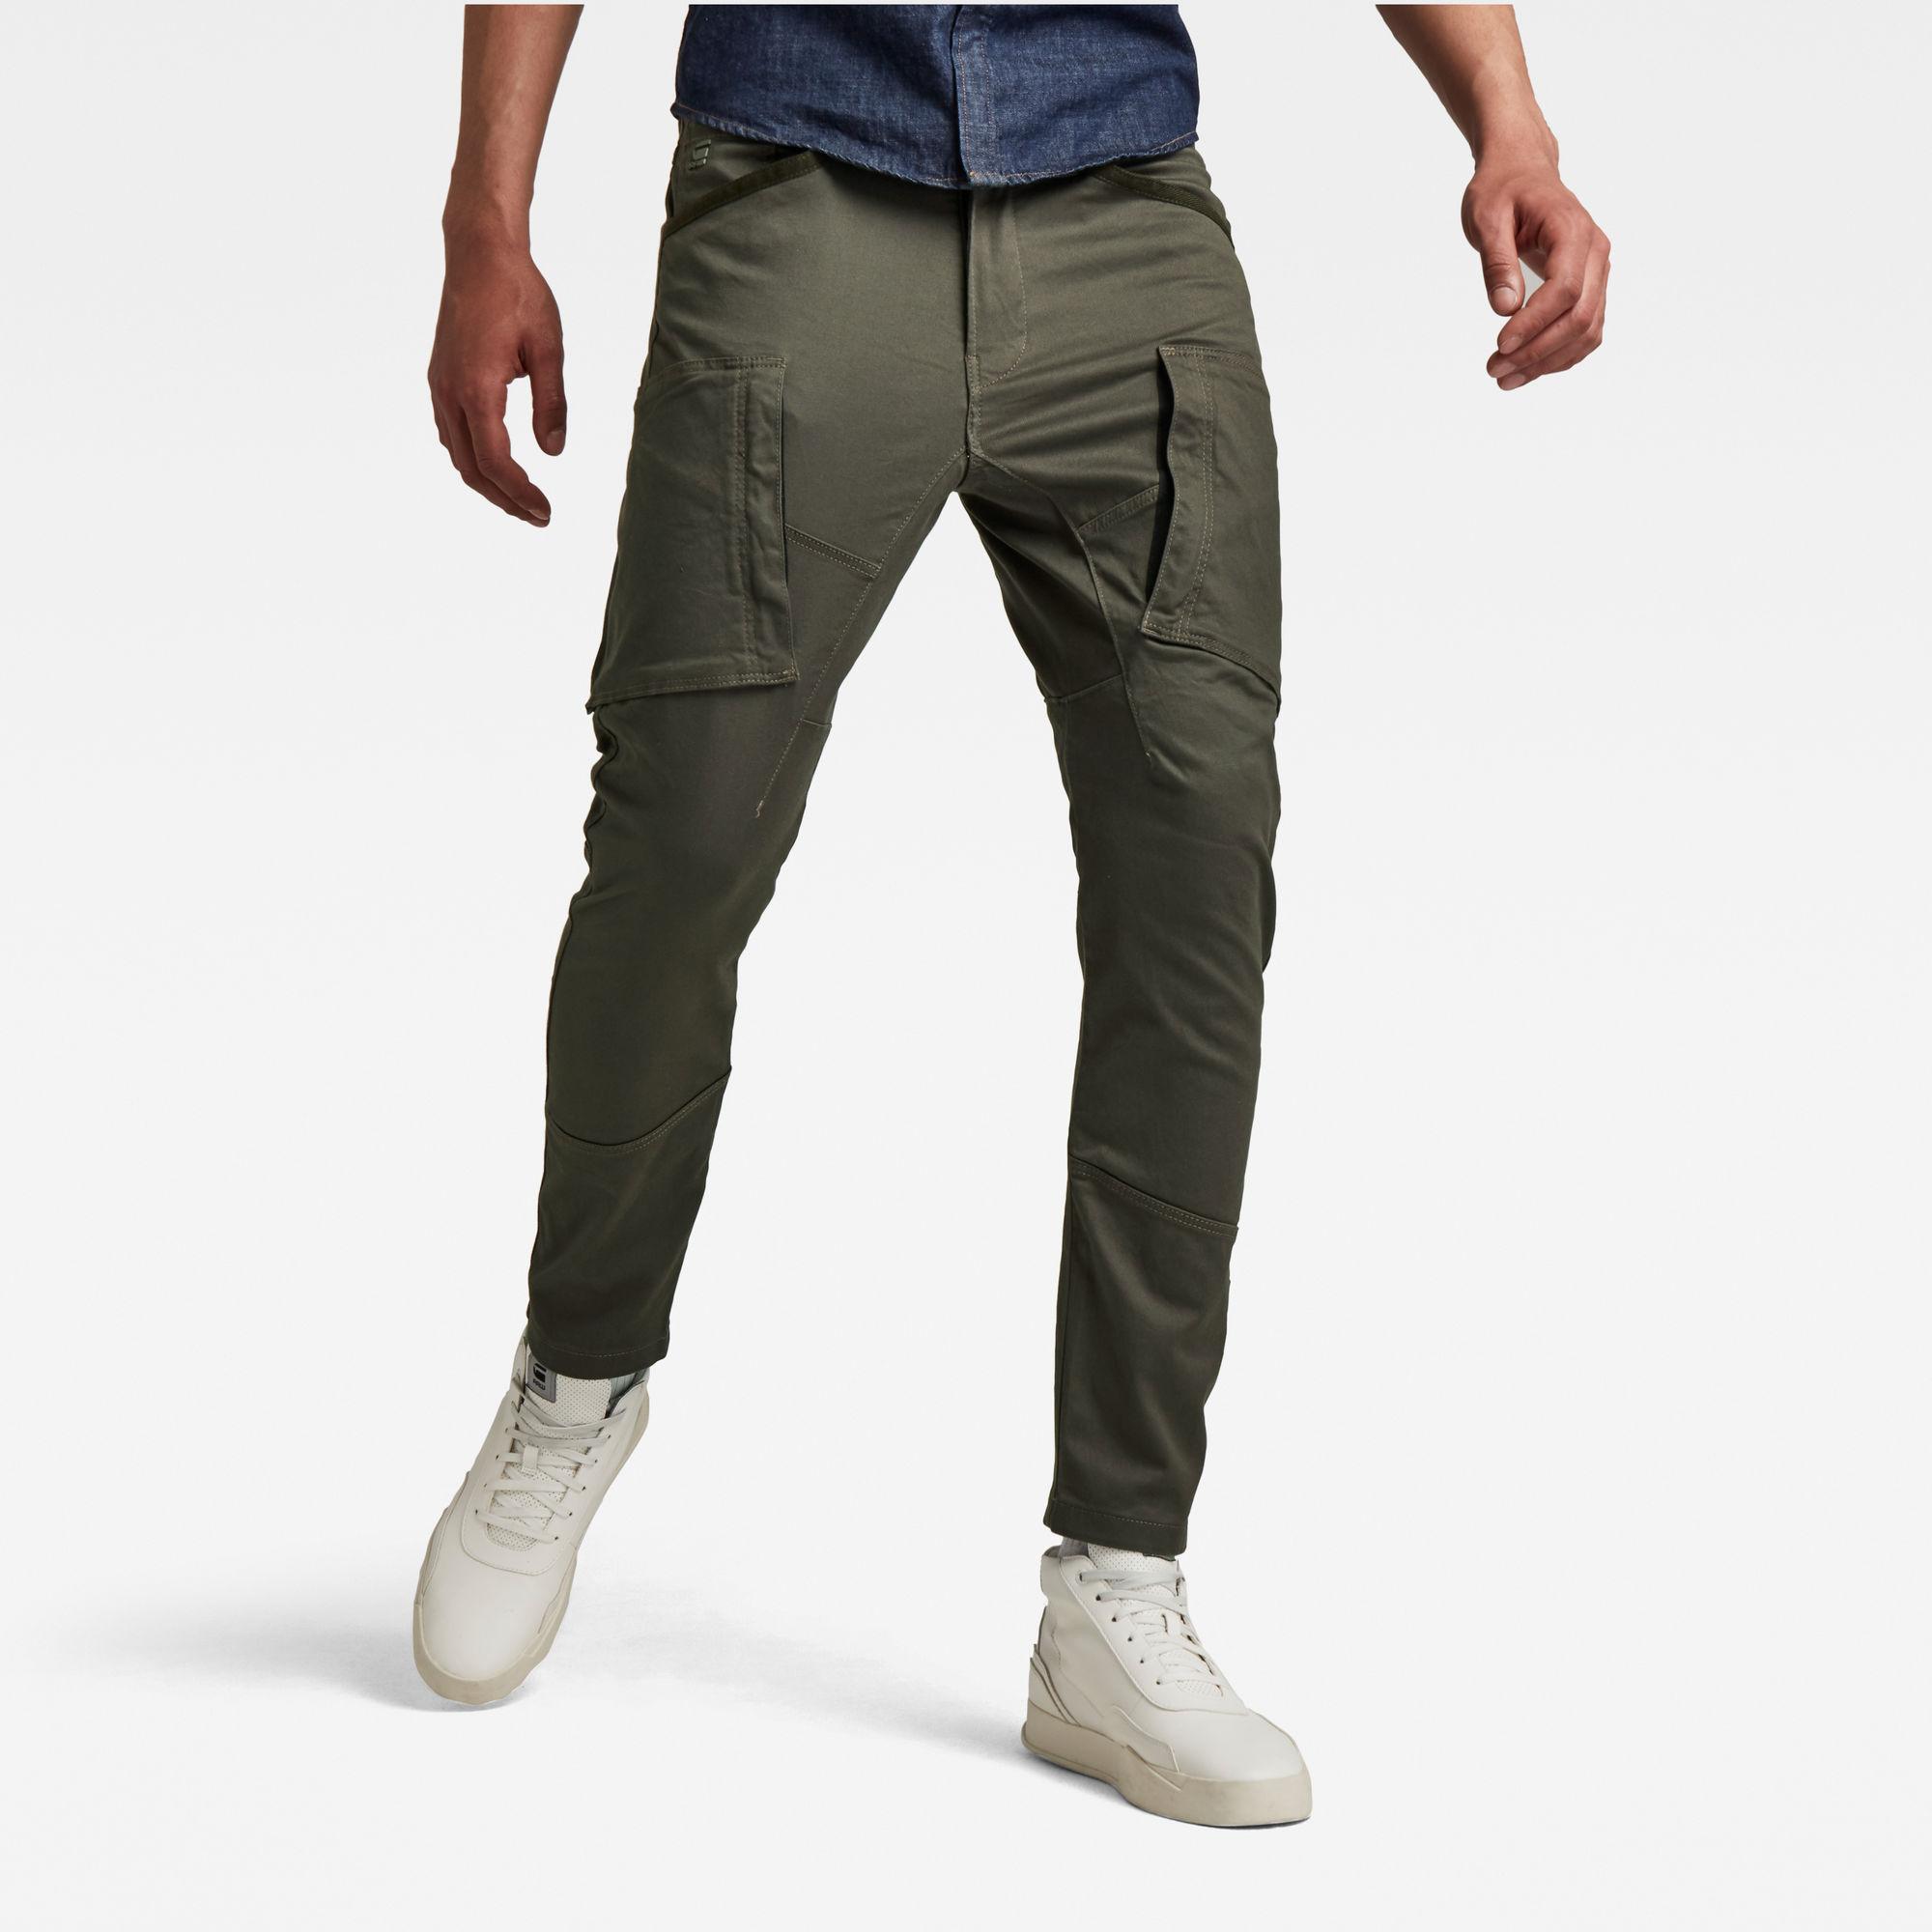 G-Star RAW Heren Cargo Broek Zip Pocket 3D Skinny Grijs